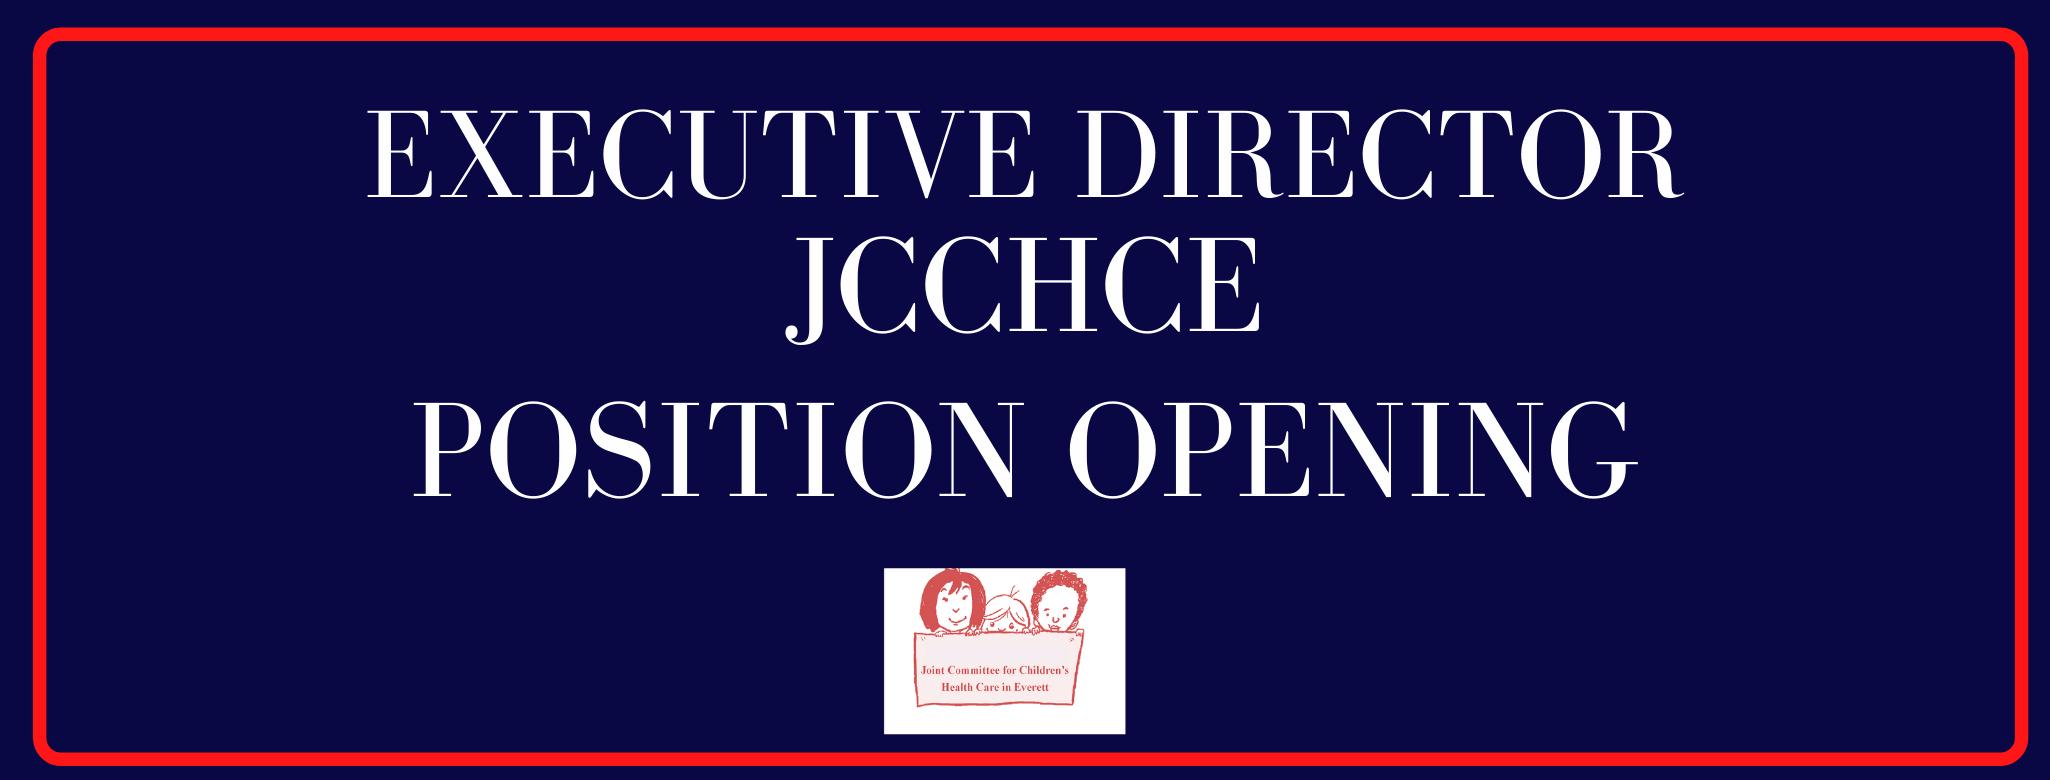 Executive Director Position